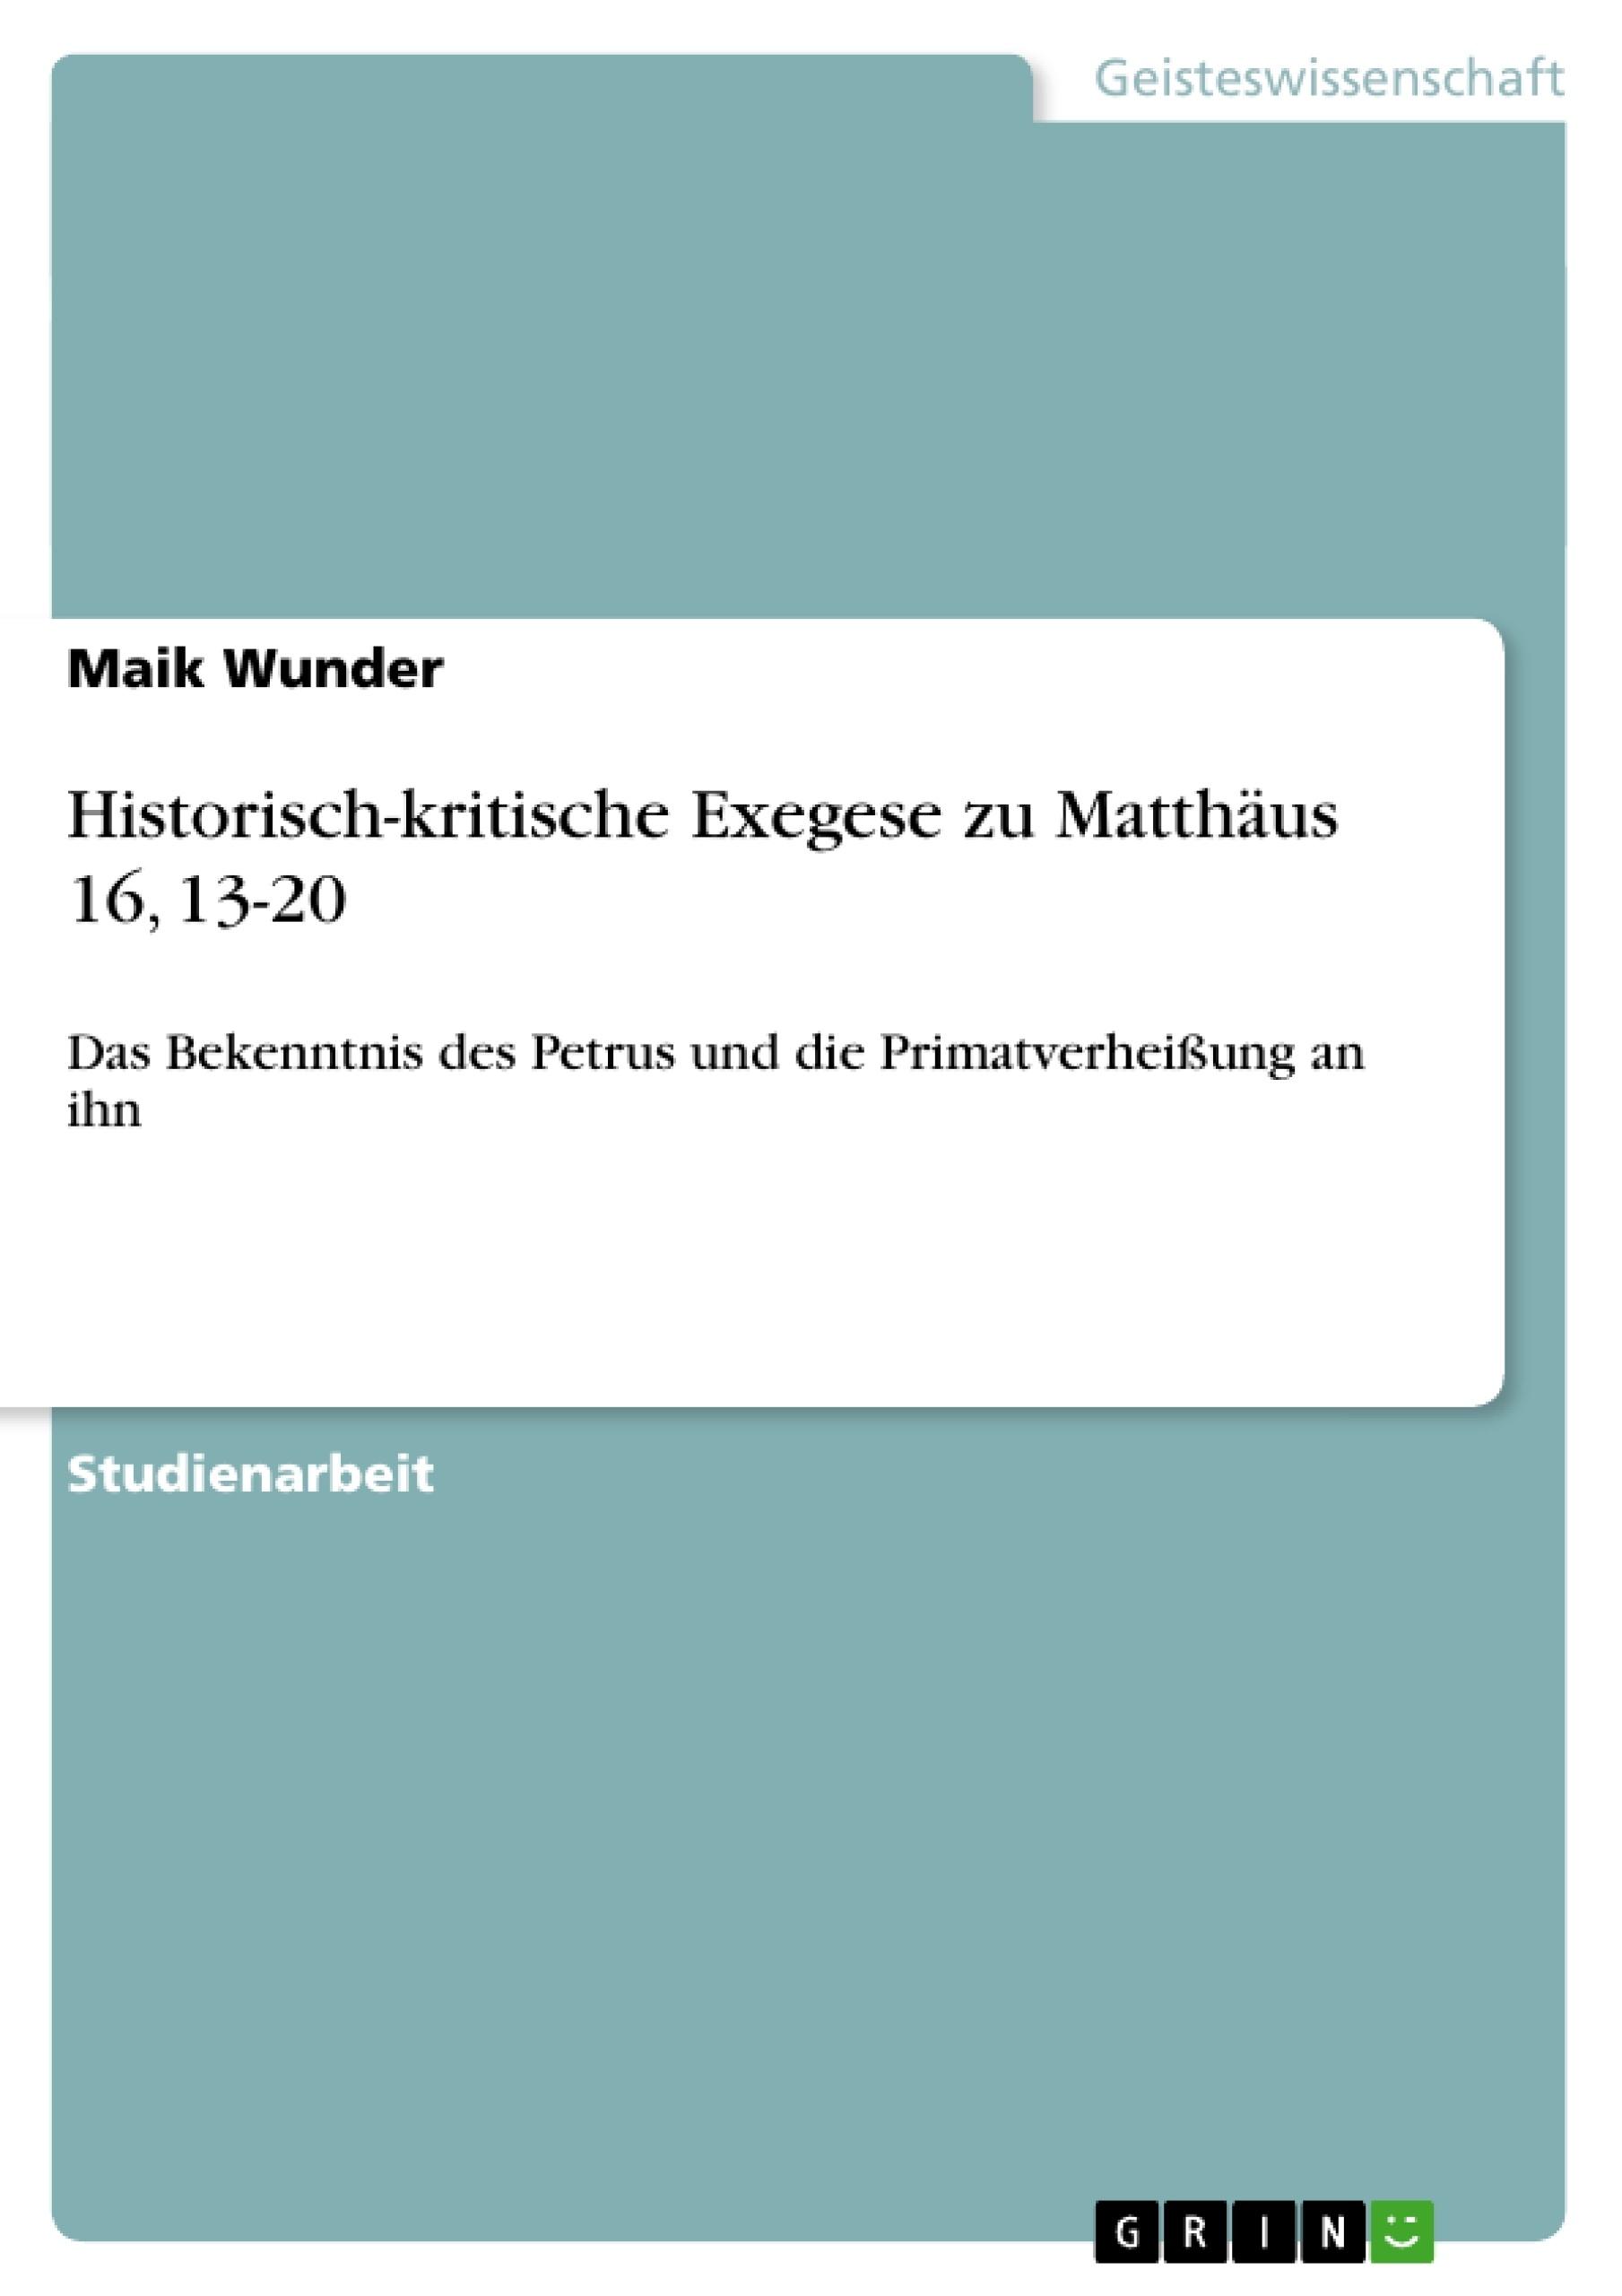 Titel: Historisch-kritische Exegese zu Matthäus 16, 13-20